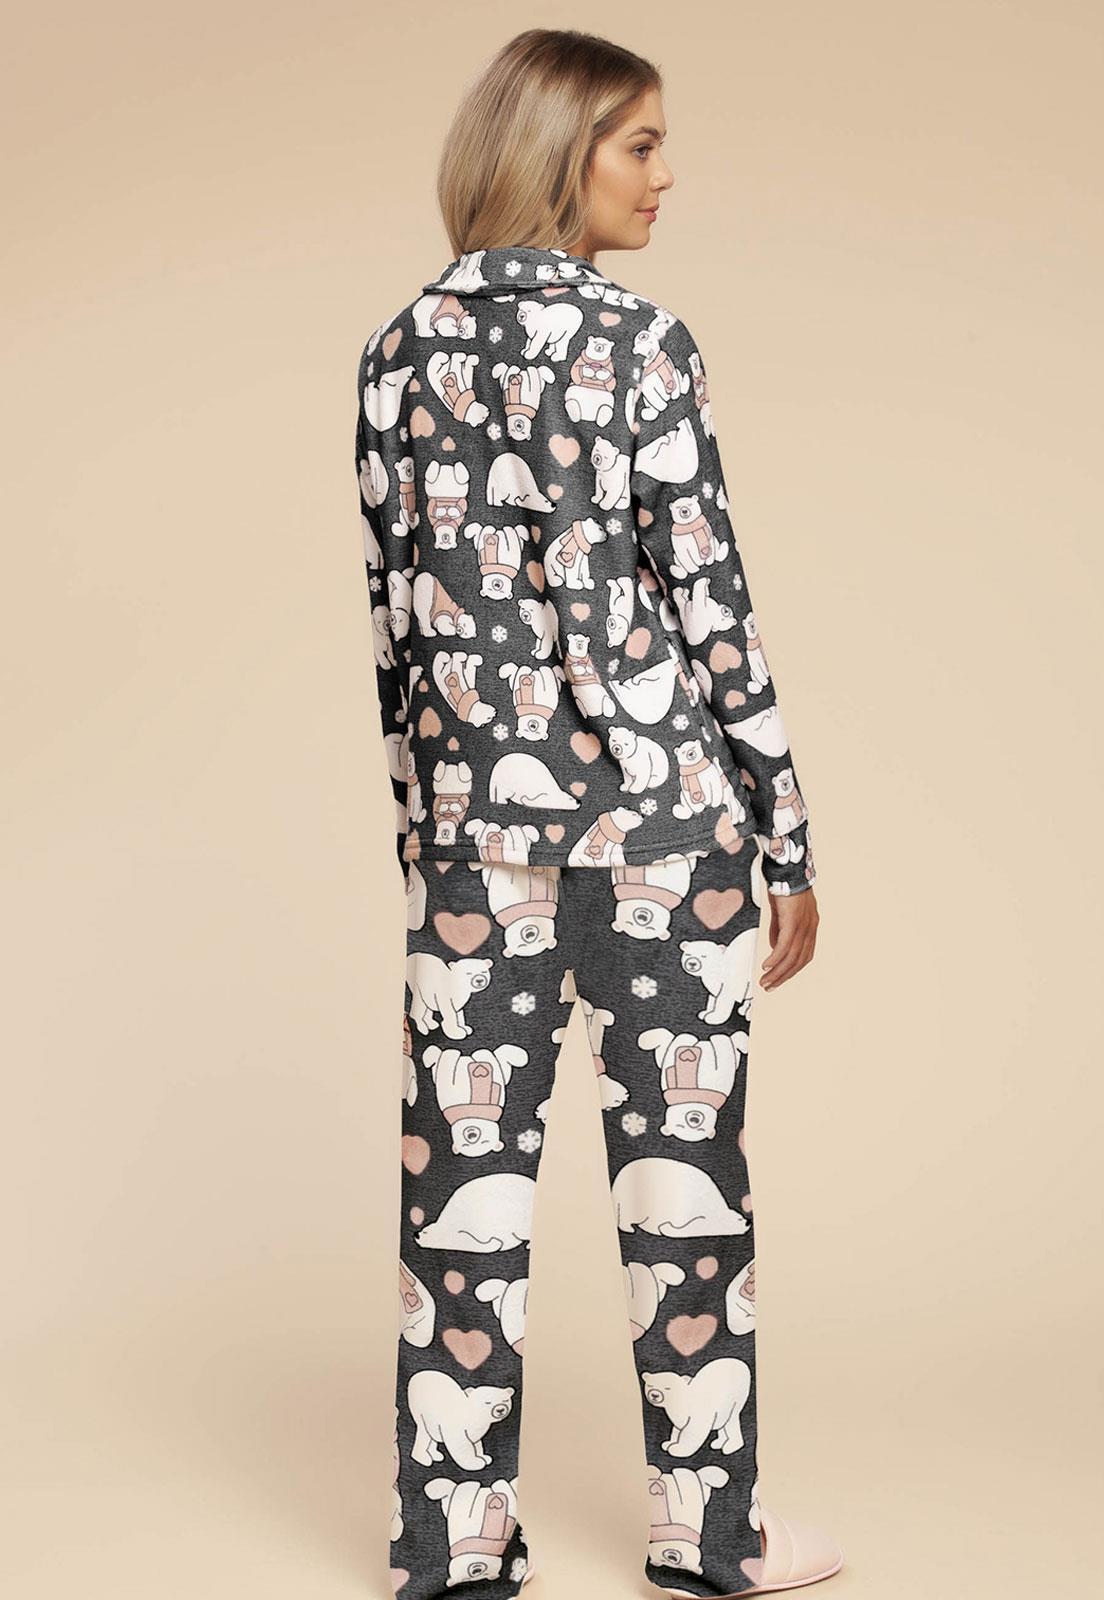 83b5d90d8f635b Pijama Soft Urso Feminino 014925 Mensageiro Dos Sonhos - Le Lingerie